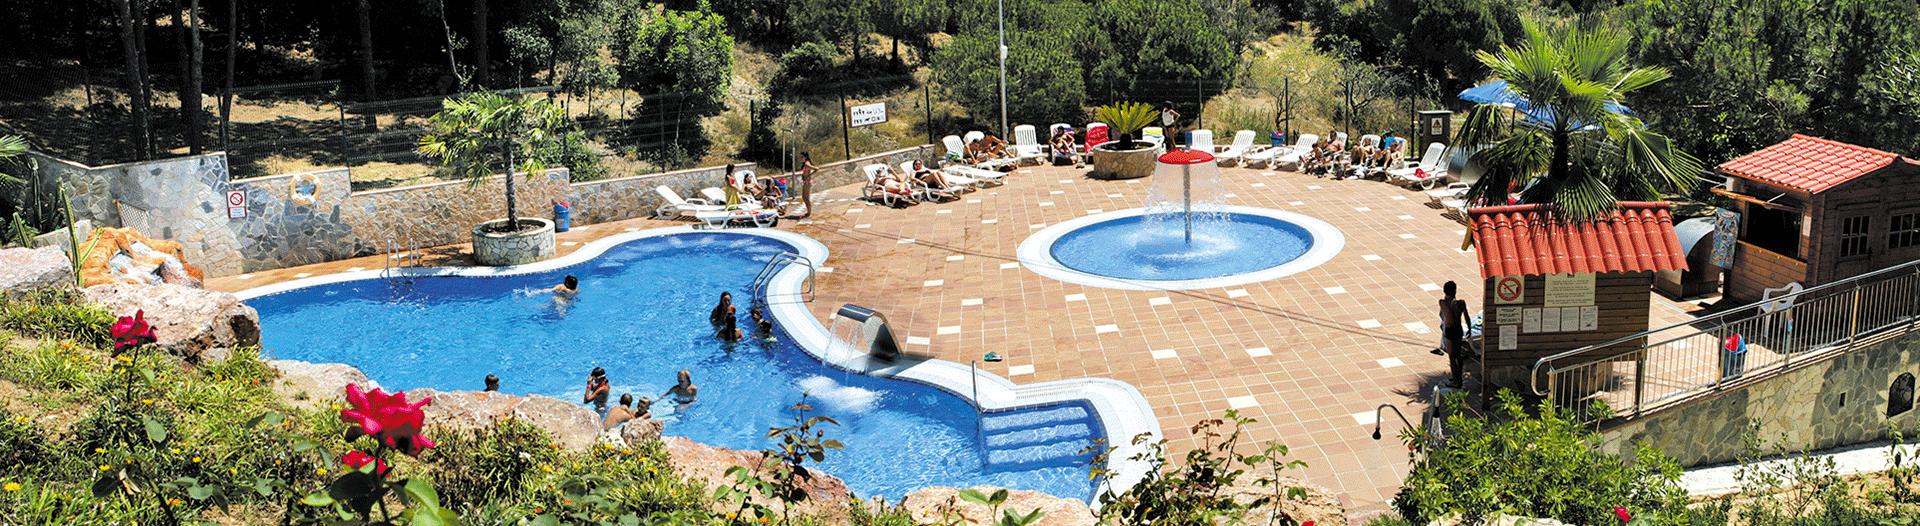 camping-bonavista-Panoramique-piscine-et-bain-de-soleil slider